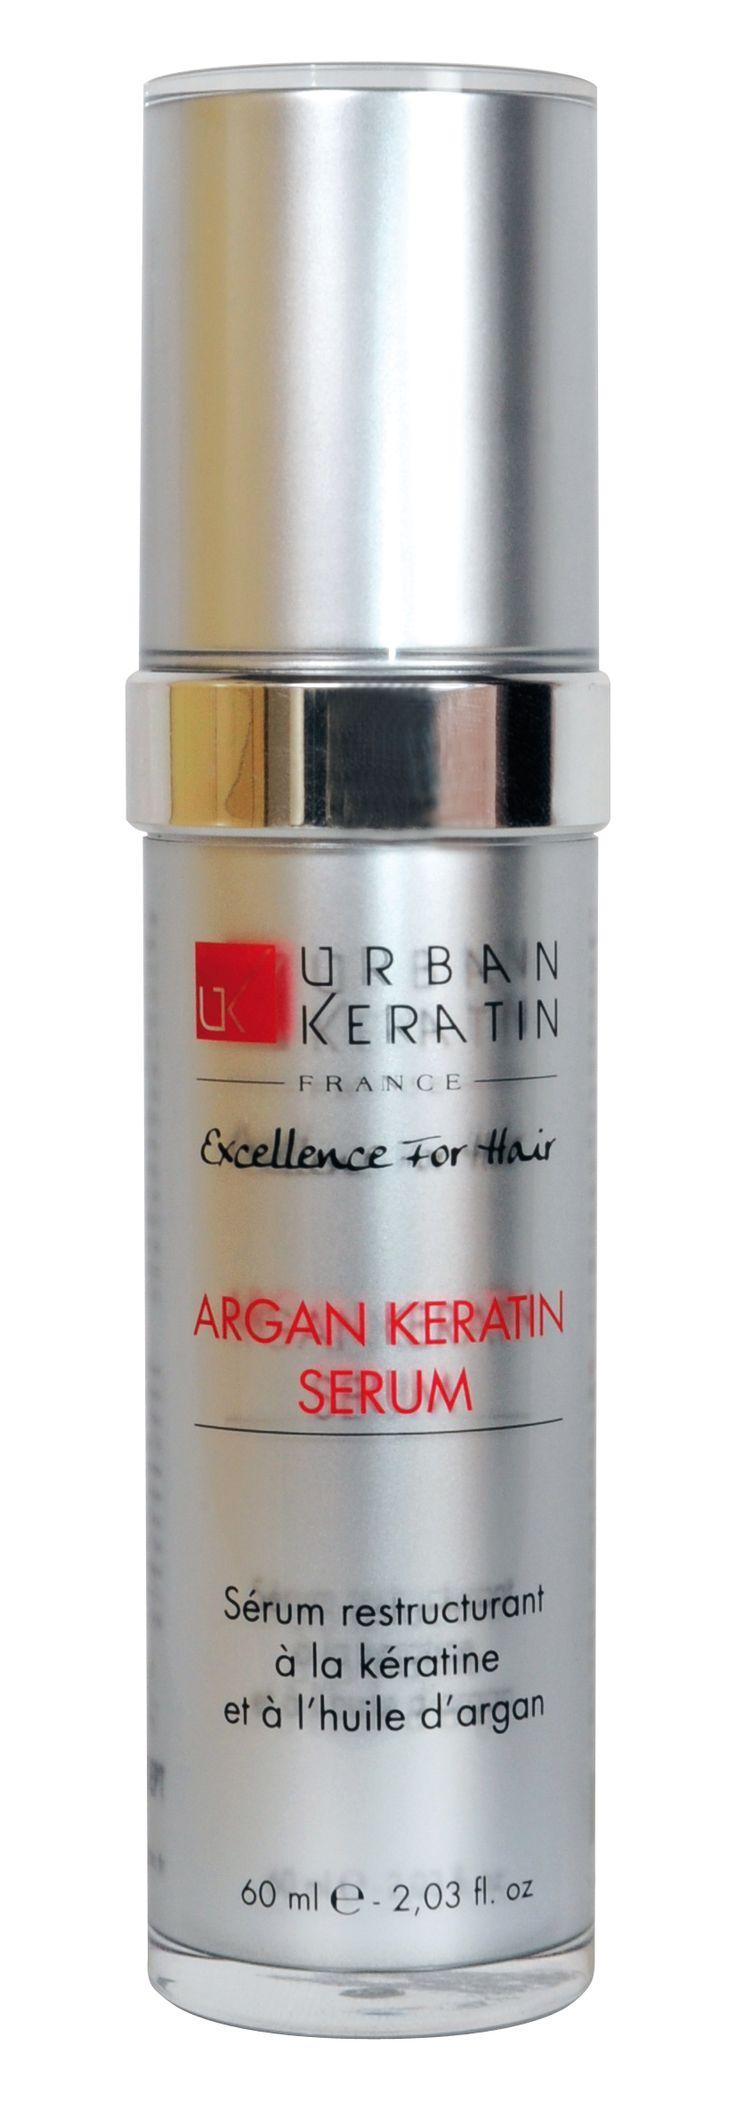 Sérum URBAN KERATIN restructurant à la Kératine et à l'huile d'argan. Hydrate traite et prévient le vieillissement du cheveu. Amplifie la brillance, la souplesse et le lissage de la chevelure. son efficacité se renforce sous l'effet de la chaleur des séchoirs et des lisseurs. Élimine l'effet crépu et les fourches. Pour tous types de cheveux www.urbankeratin.fr